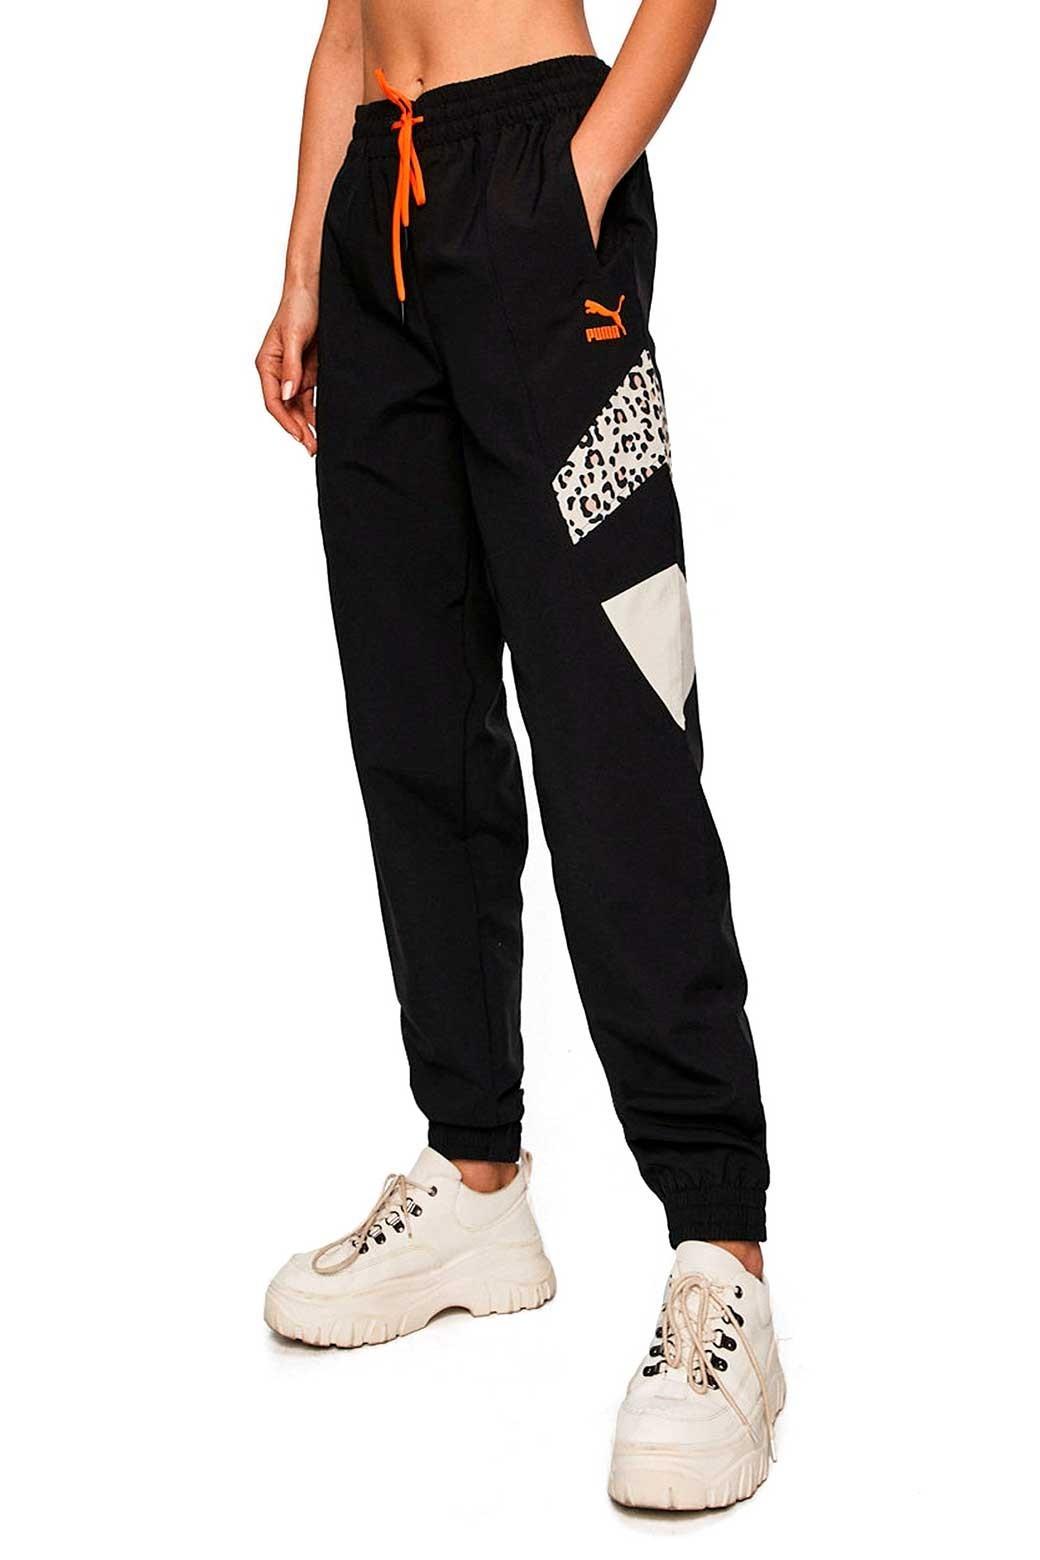 Puma Pantalon Para Mujer Negro Leopardo Tfs Track